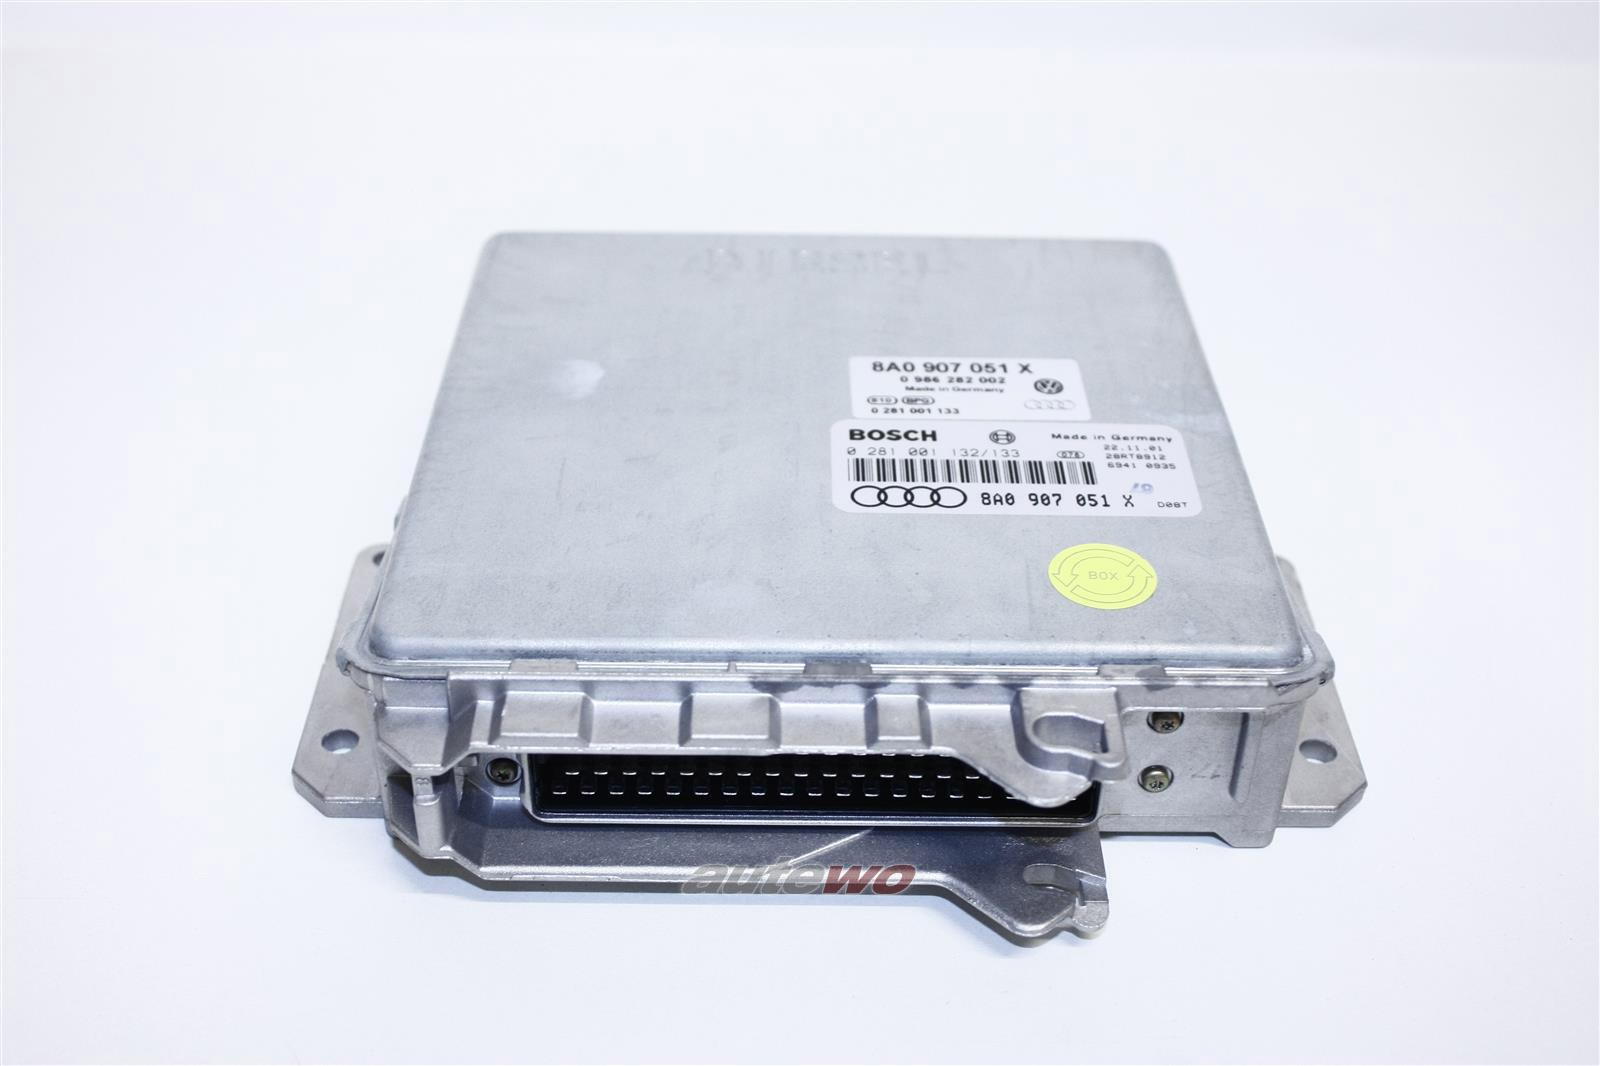 8A0907051 X 8A0907401A NEU Audi 80 B4 1.9l 4 Zyl. 1Z Motorsteuergerät